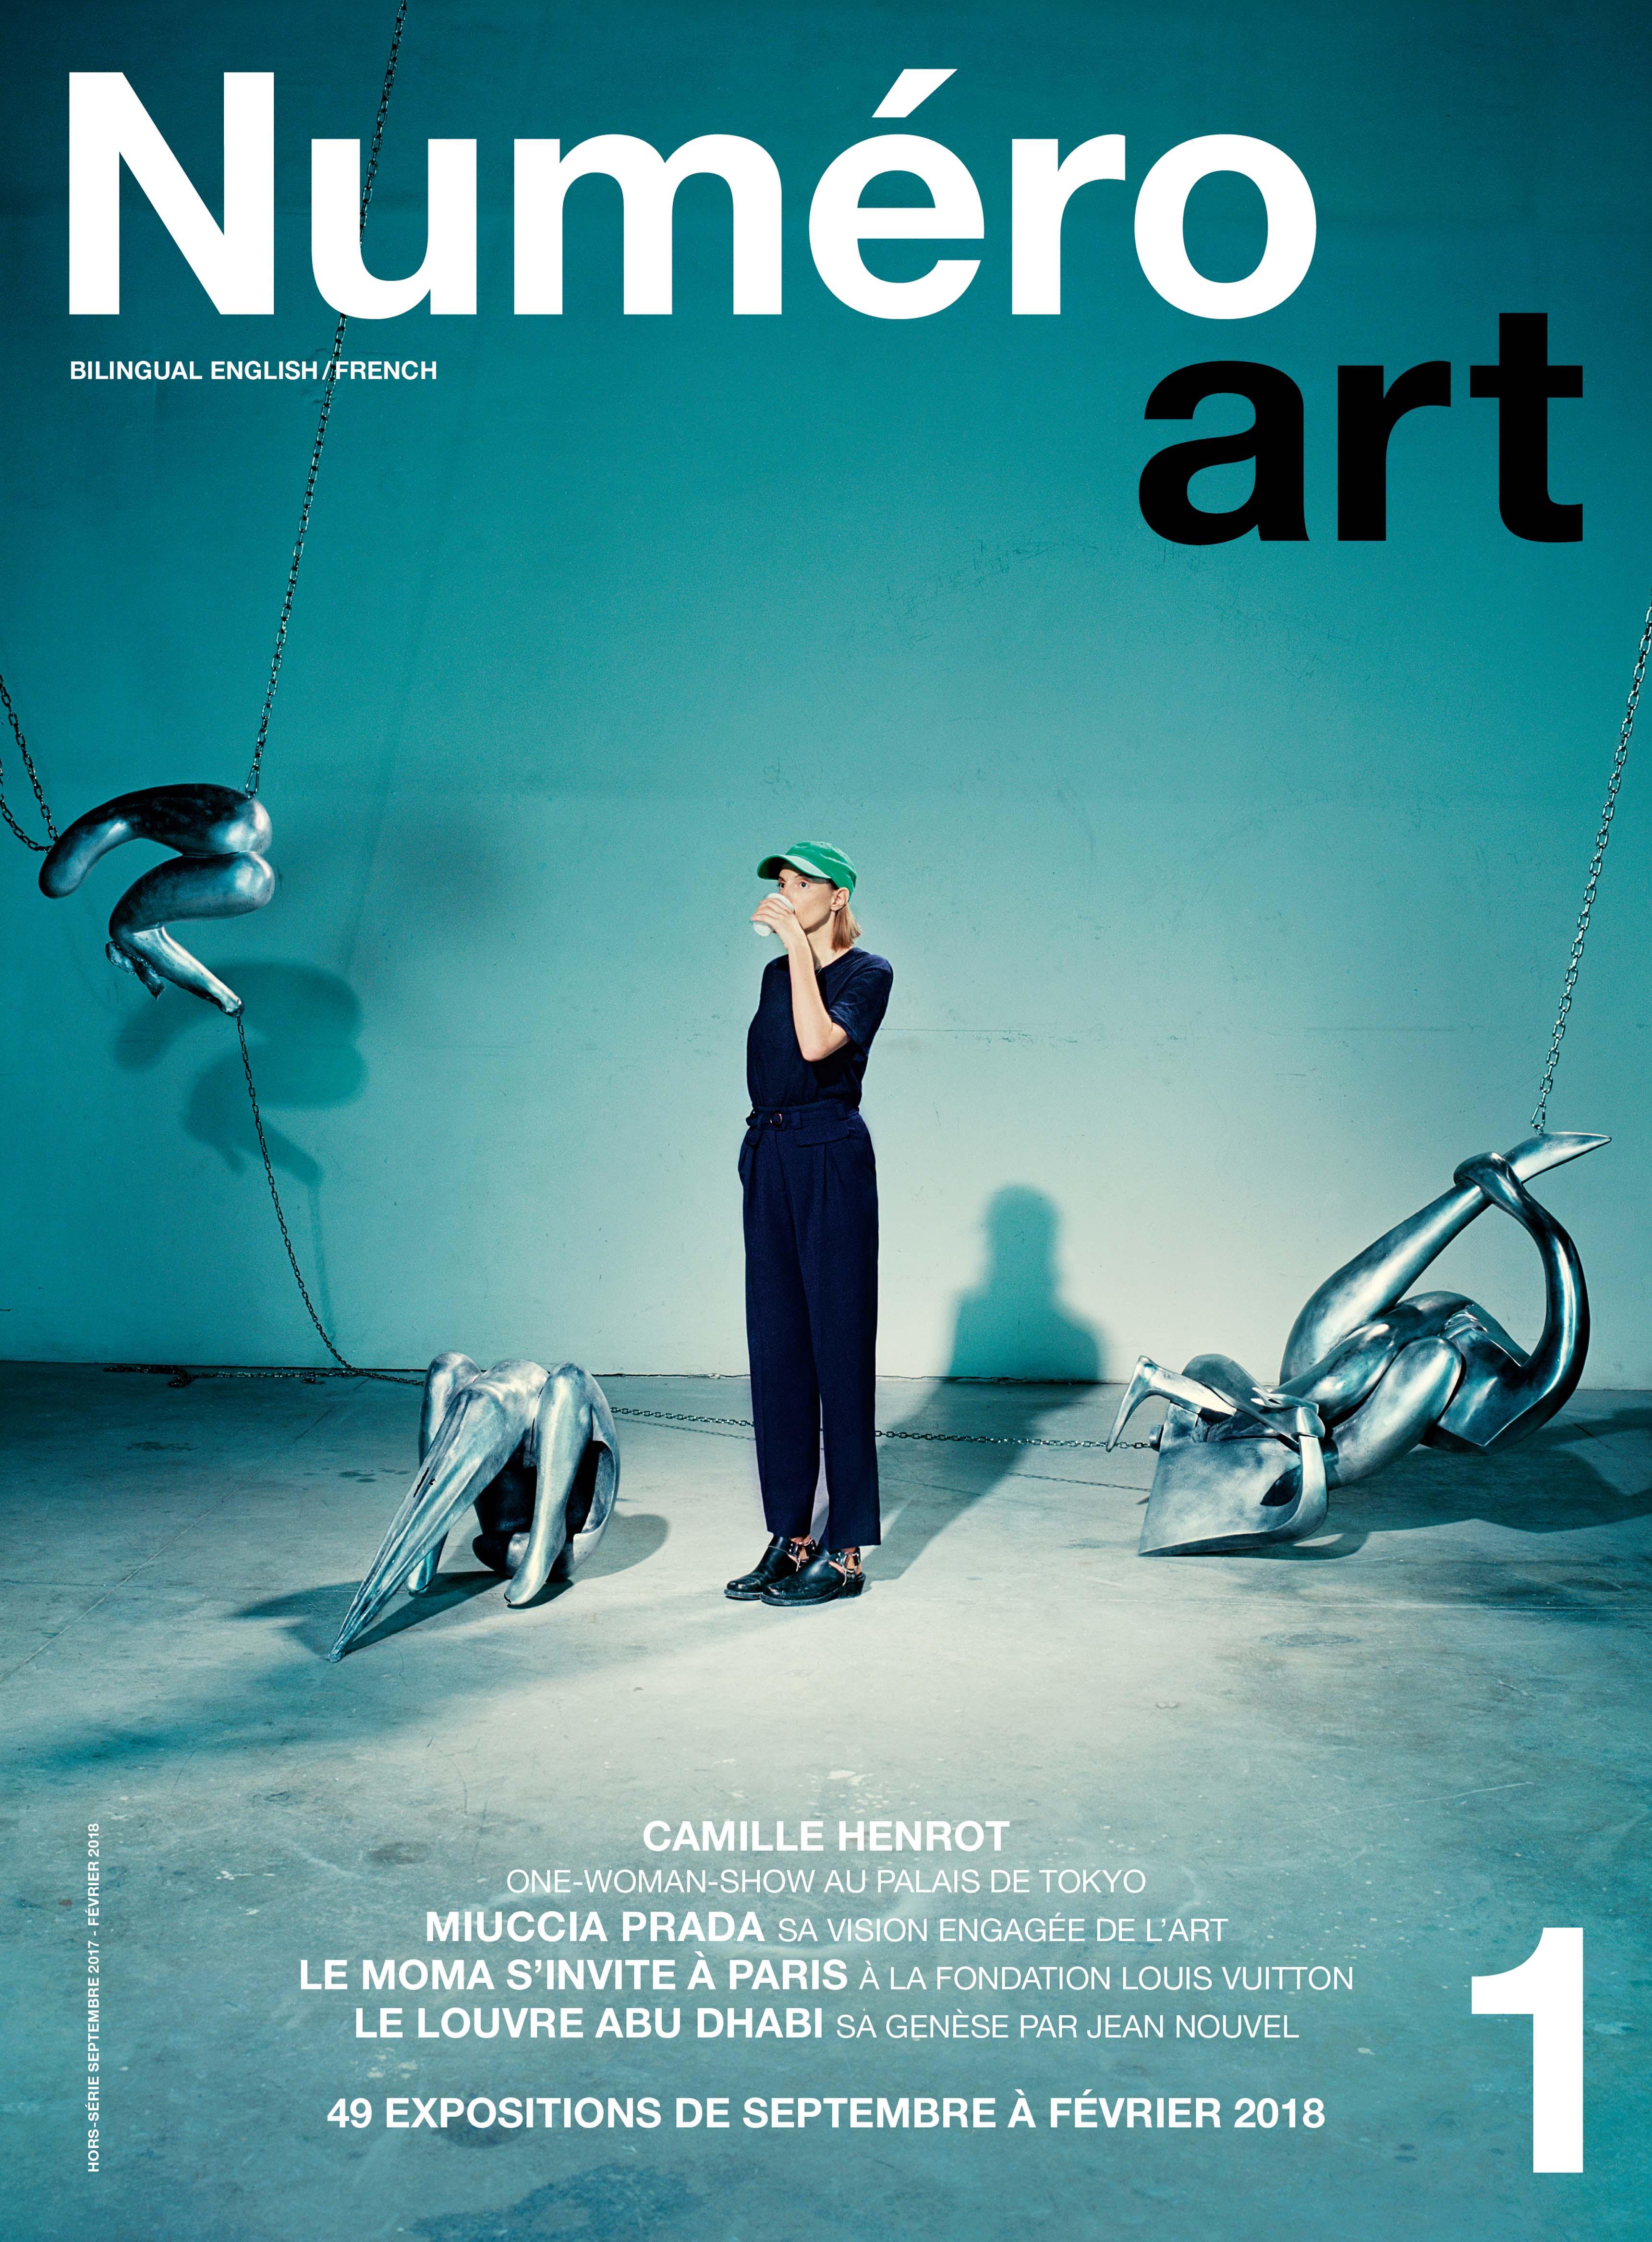 Cover Numéro art, Camille Henrot photographiée par Miles Aldrige.